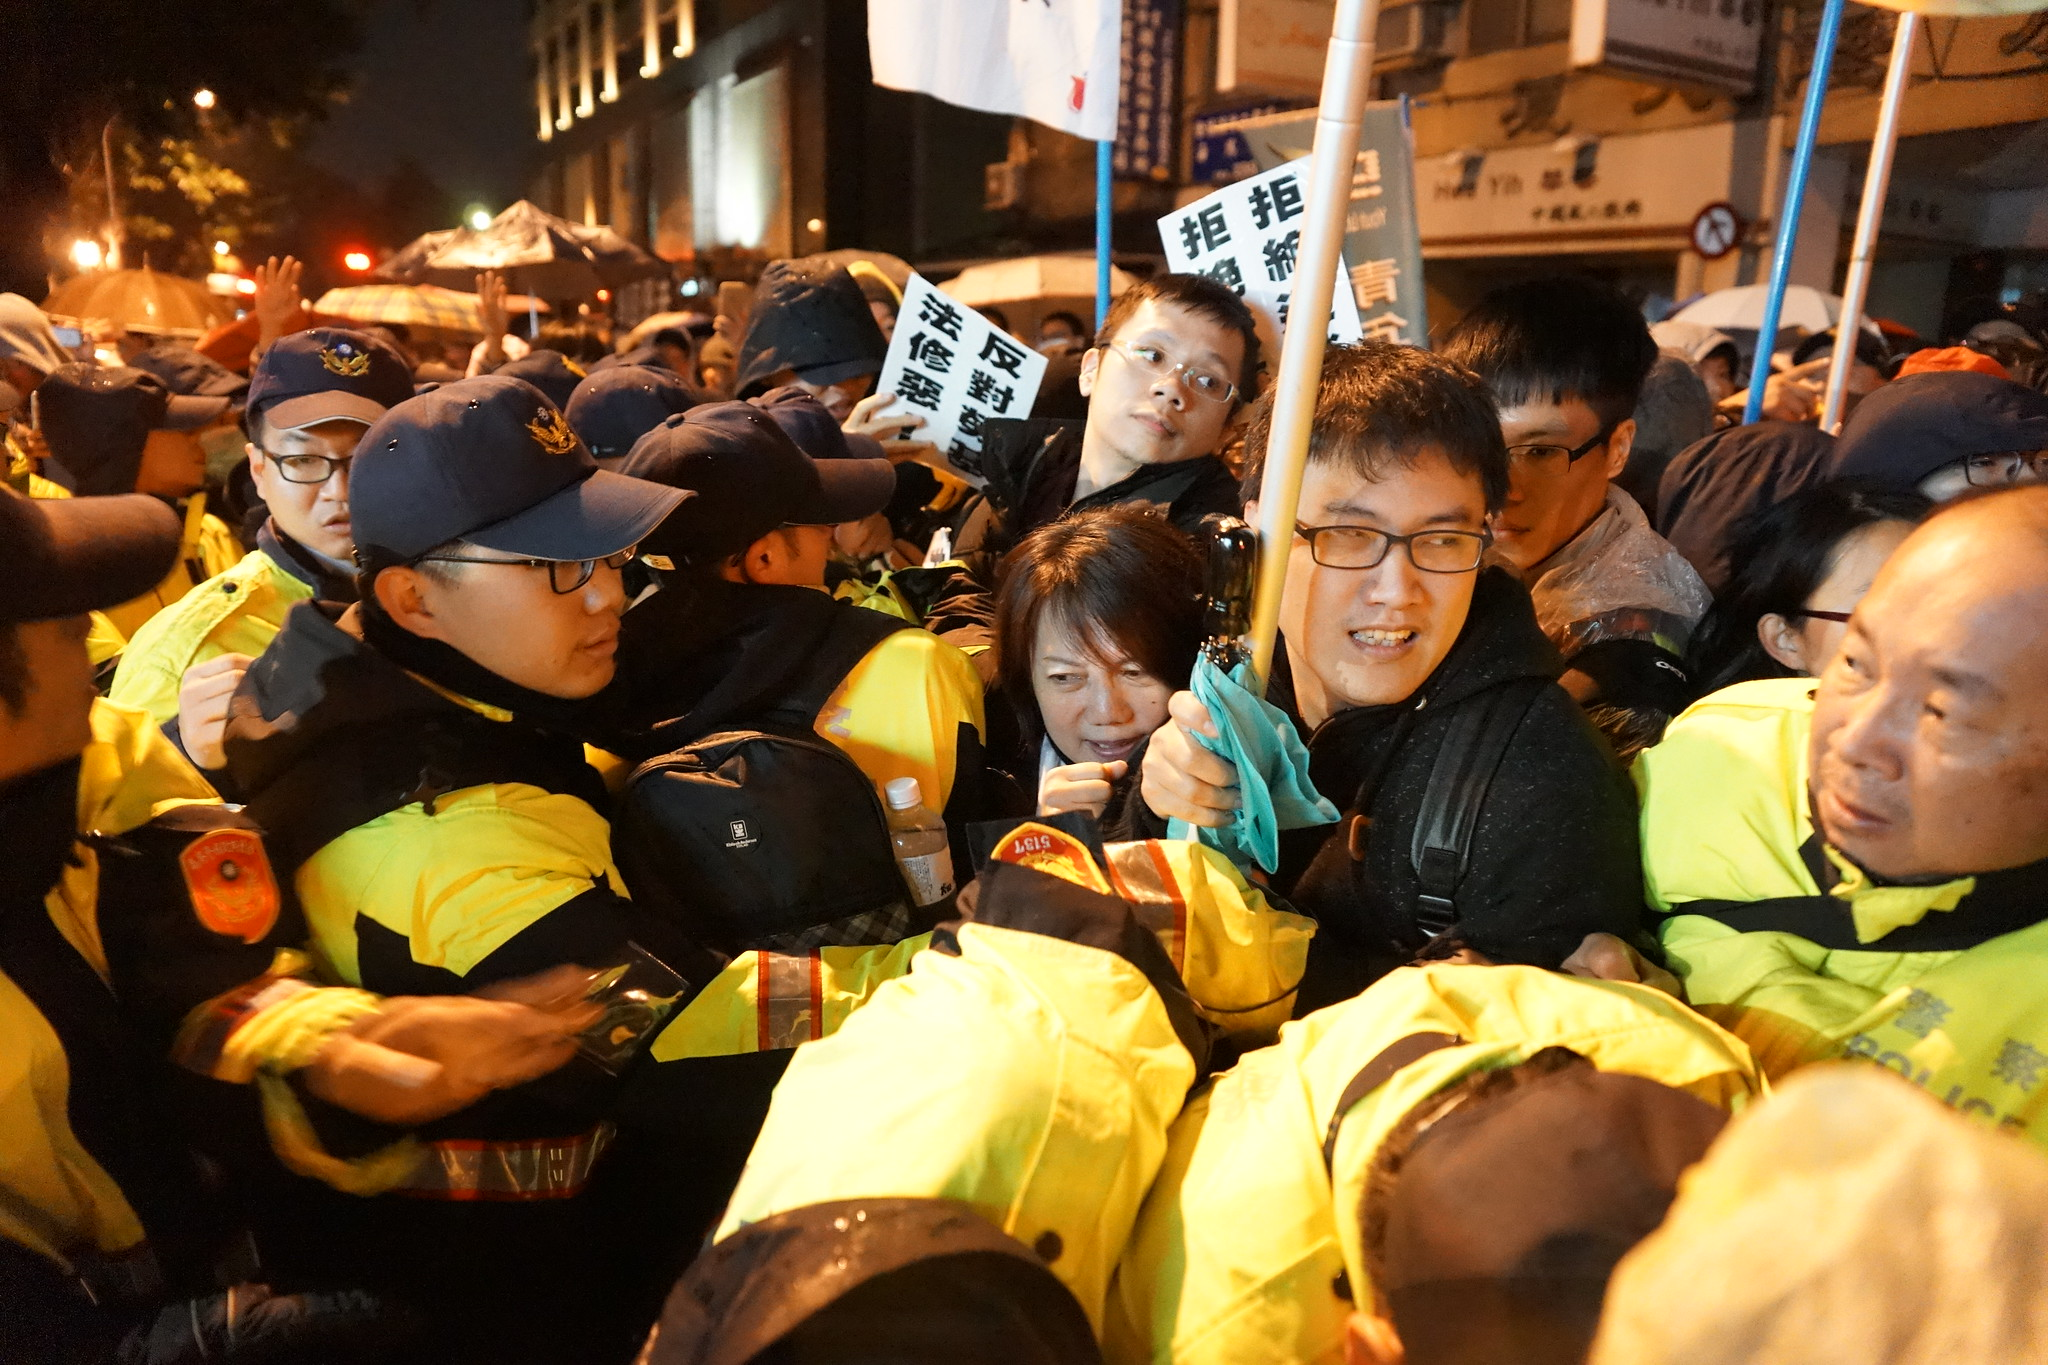 社民黨在臨時會審勞基法時參與議場鎮江街議場外的勞團抗議,圖中為范雲。(資料照片/攝影:王顥中)